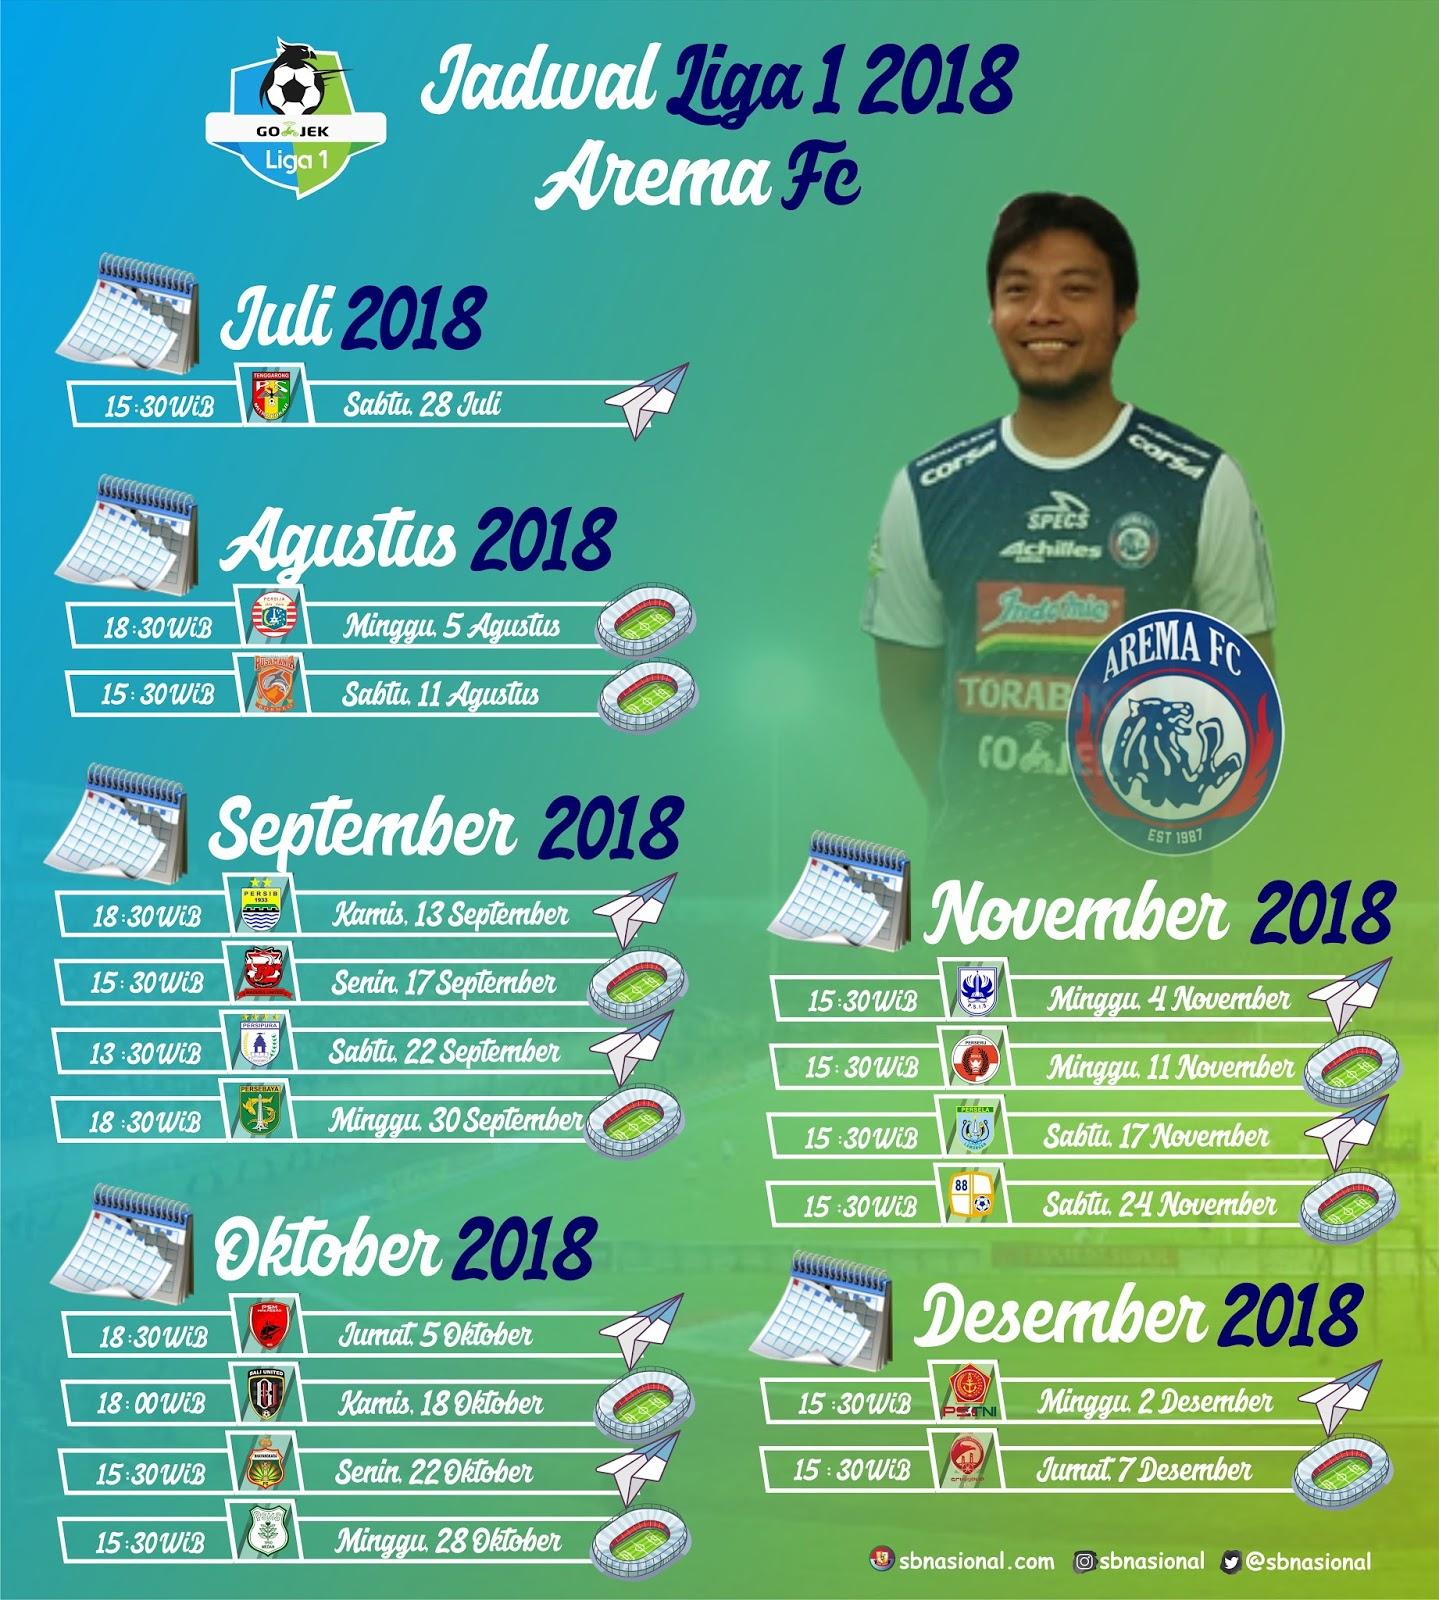 Arema Fc Vs Persebaya: Jadwal Lengkap Arema Fc Putaran Dua Liga 1 2018